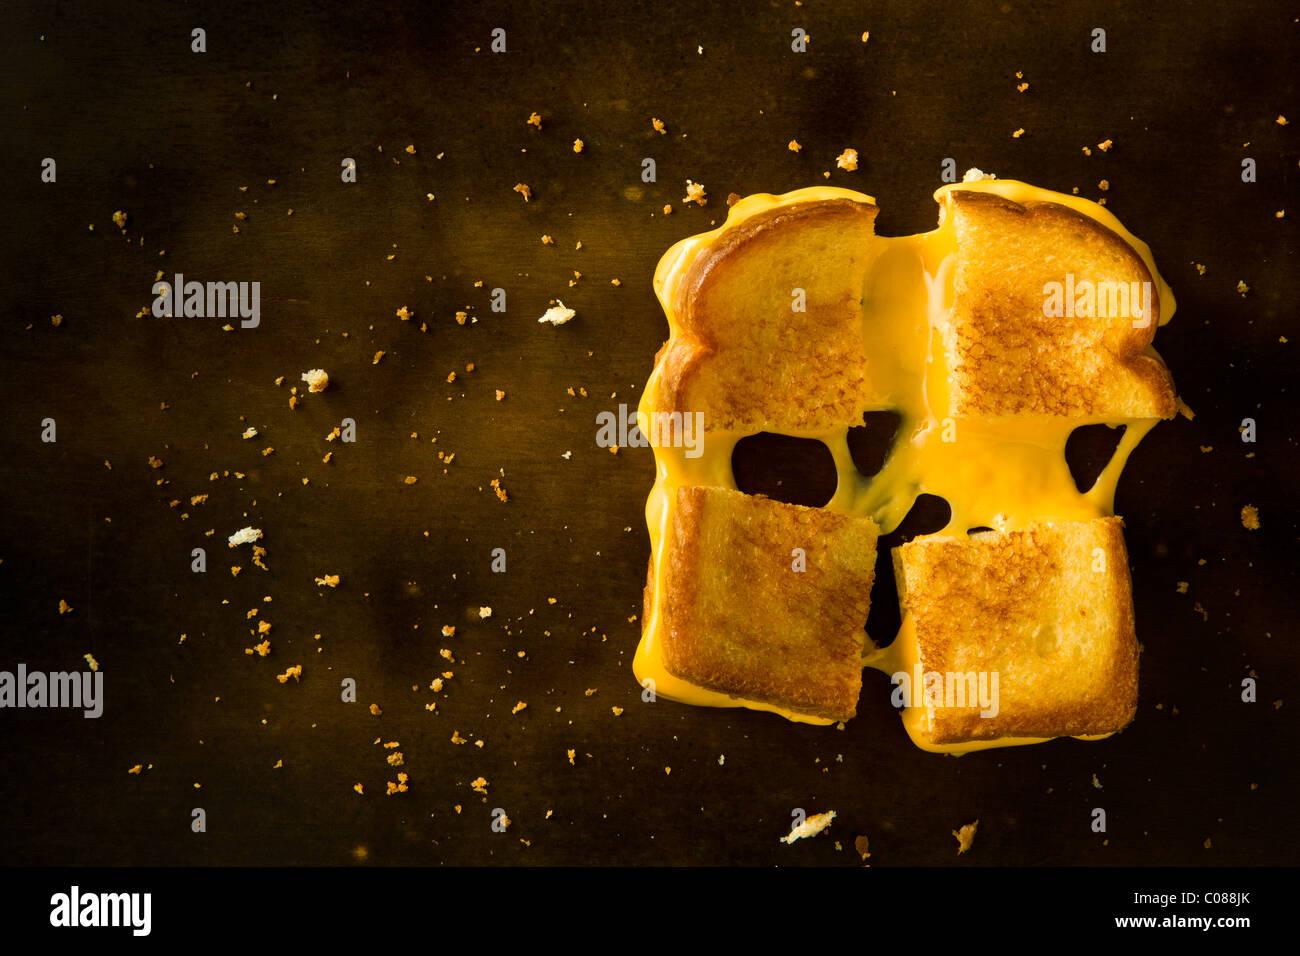 Un sándwich de queso cortado en cuatro cuadrados tirando del queso sobre una tabla de madera Imagen De Stock